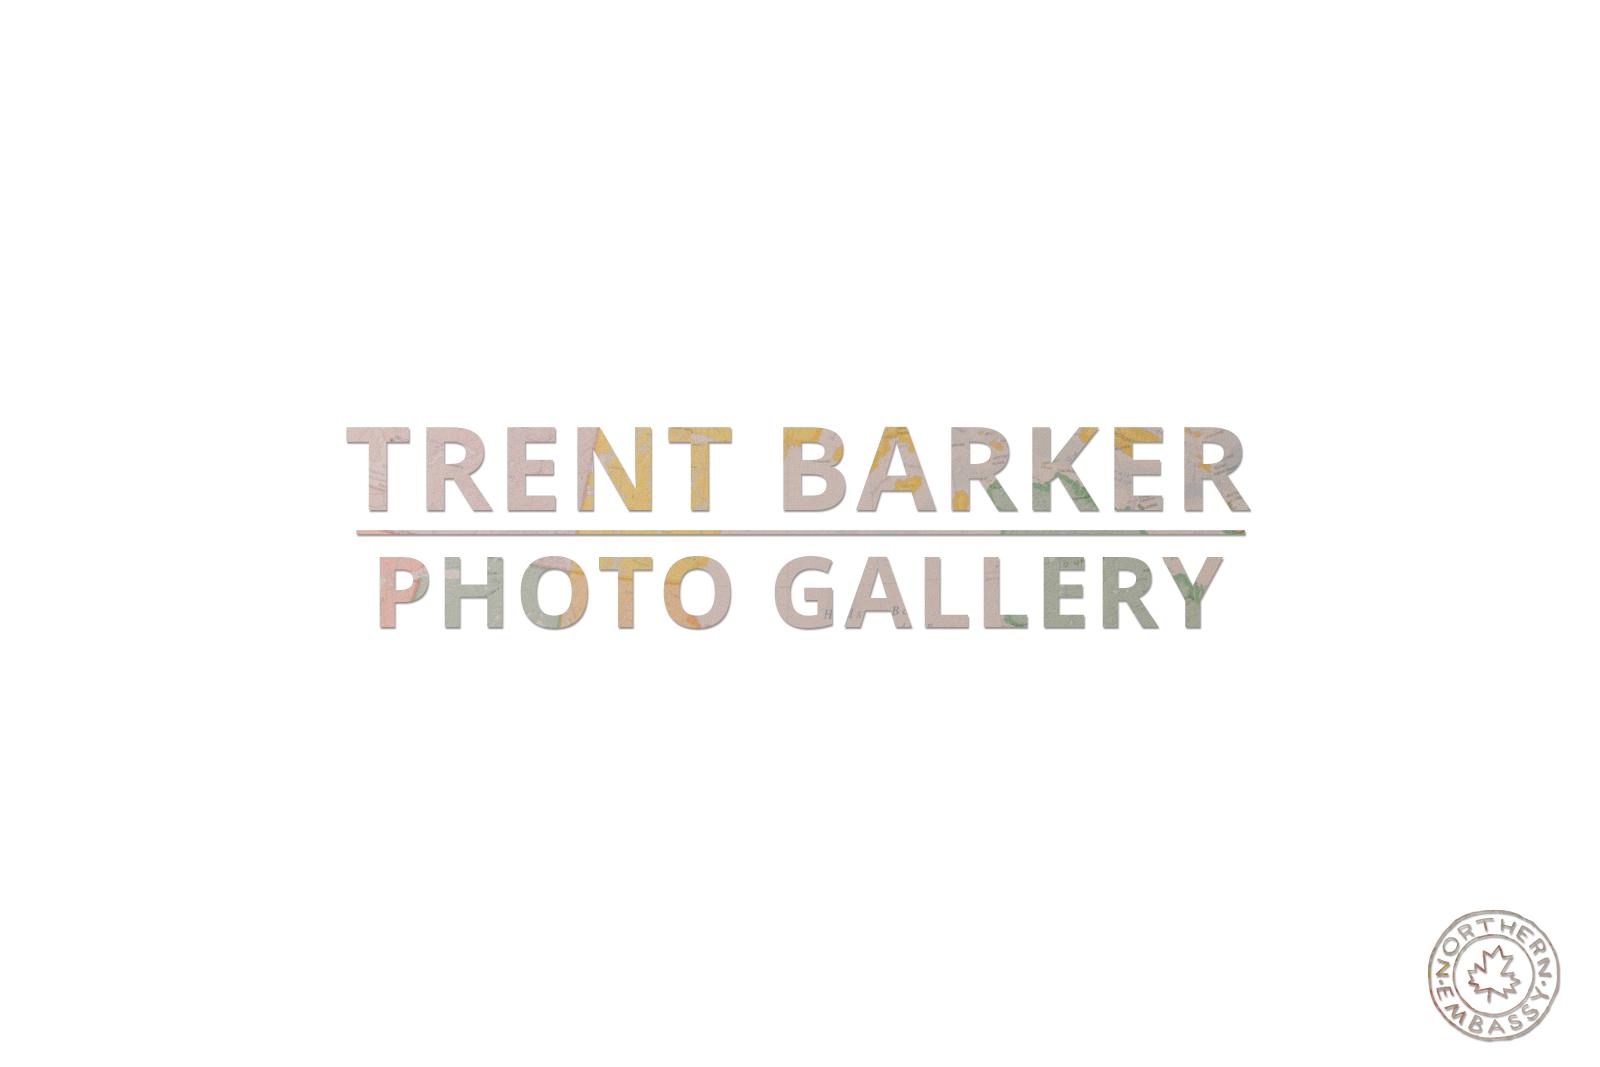 Trent-Barker